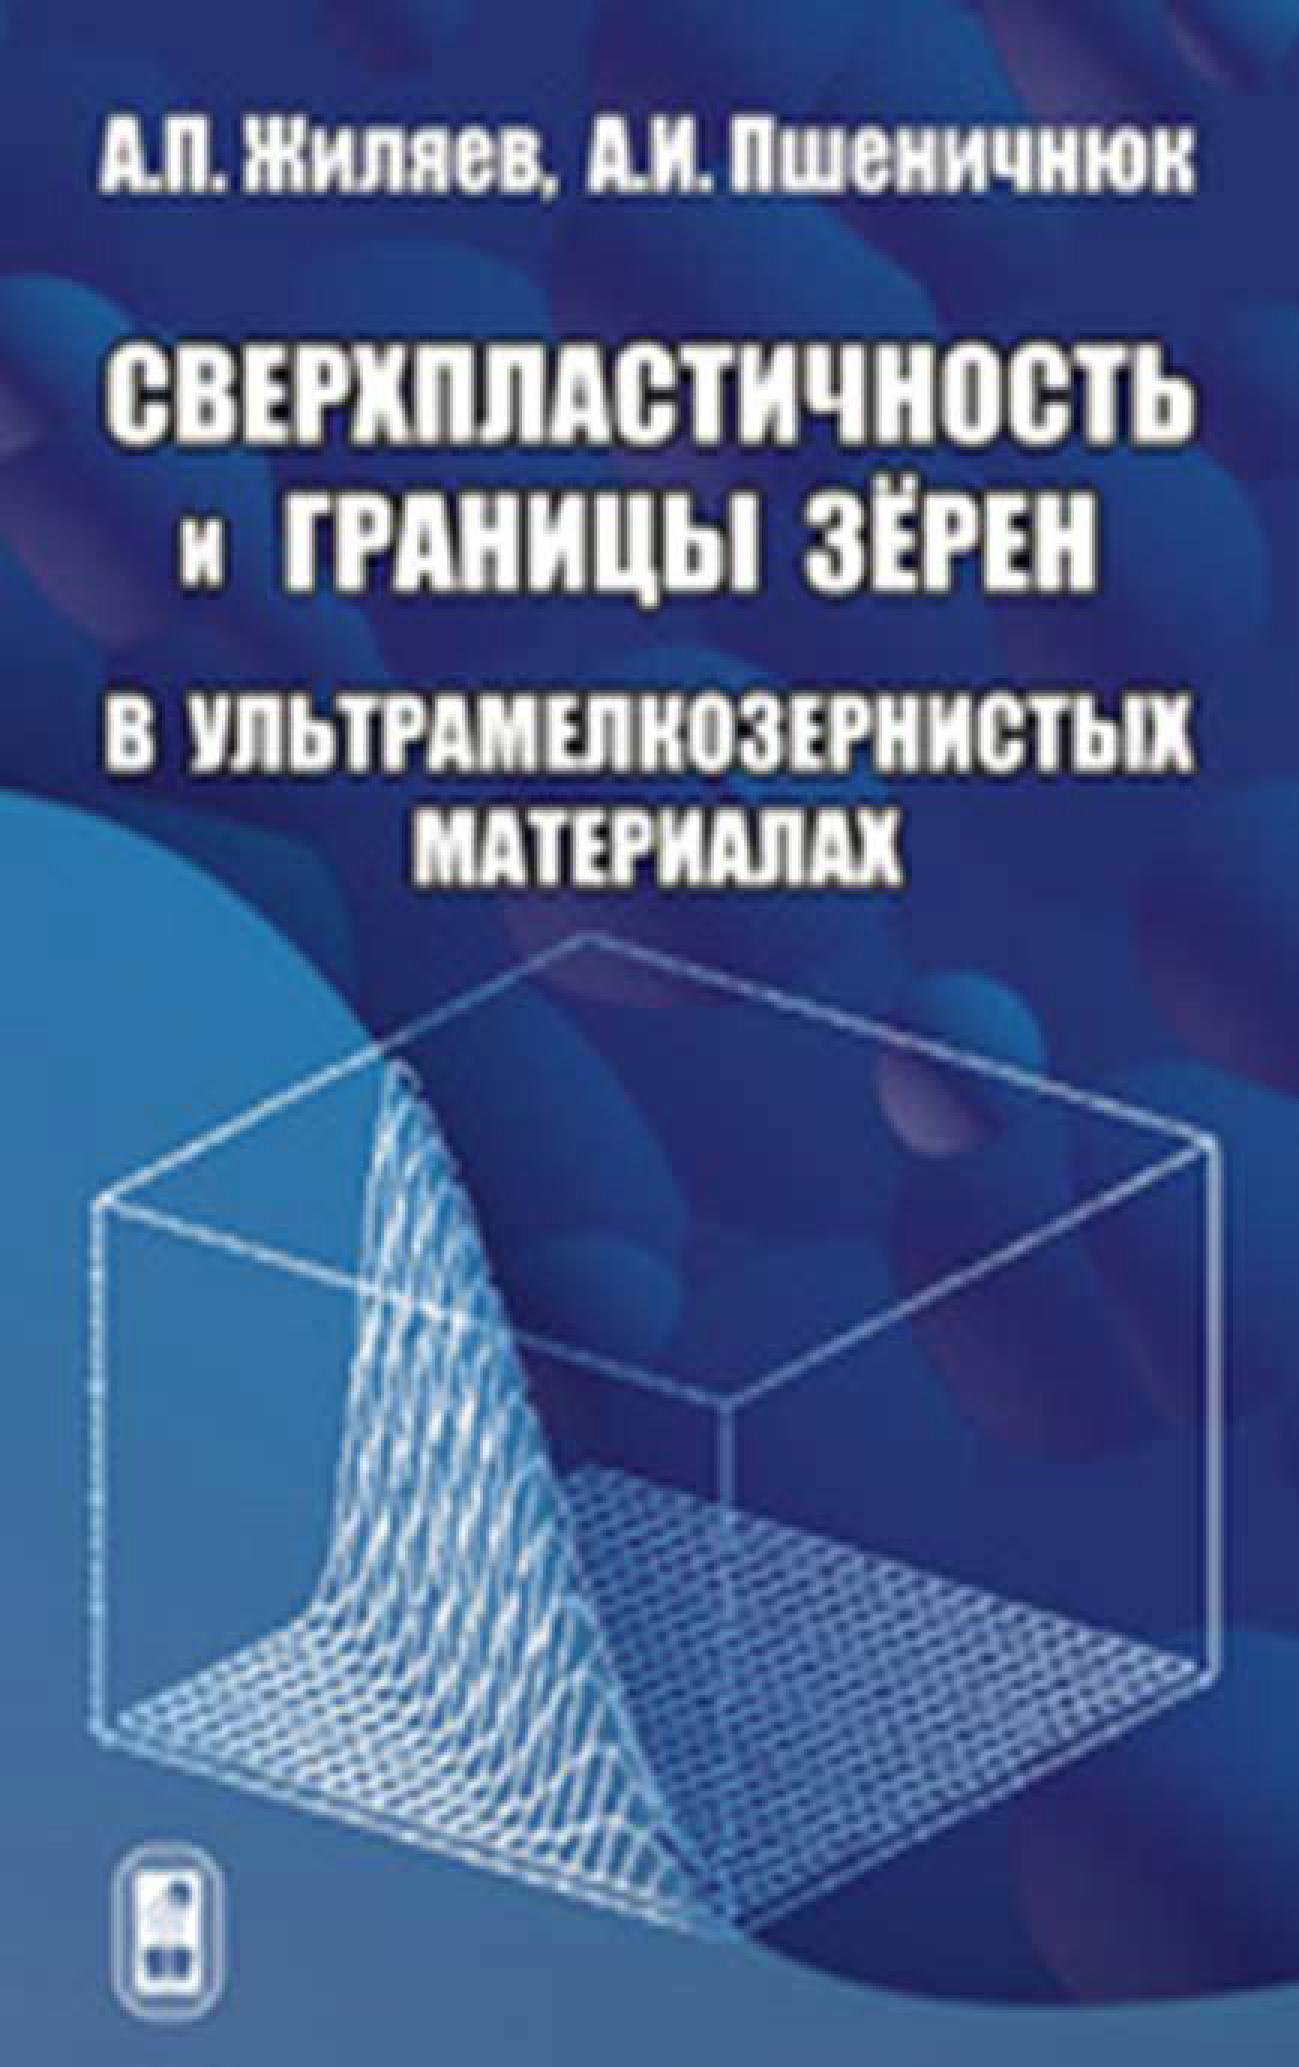 Сверхпластичность и границы зерен в ультрамелкозернистых материалах